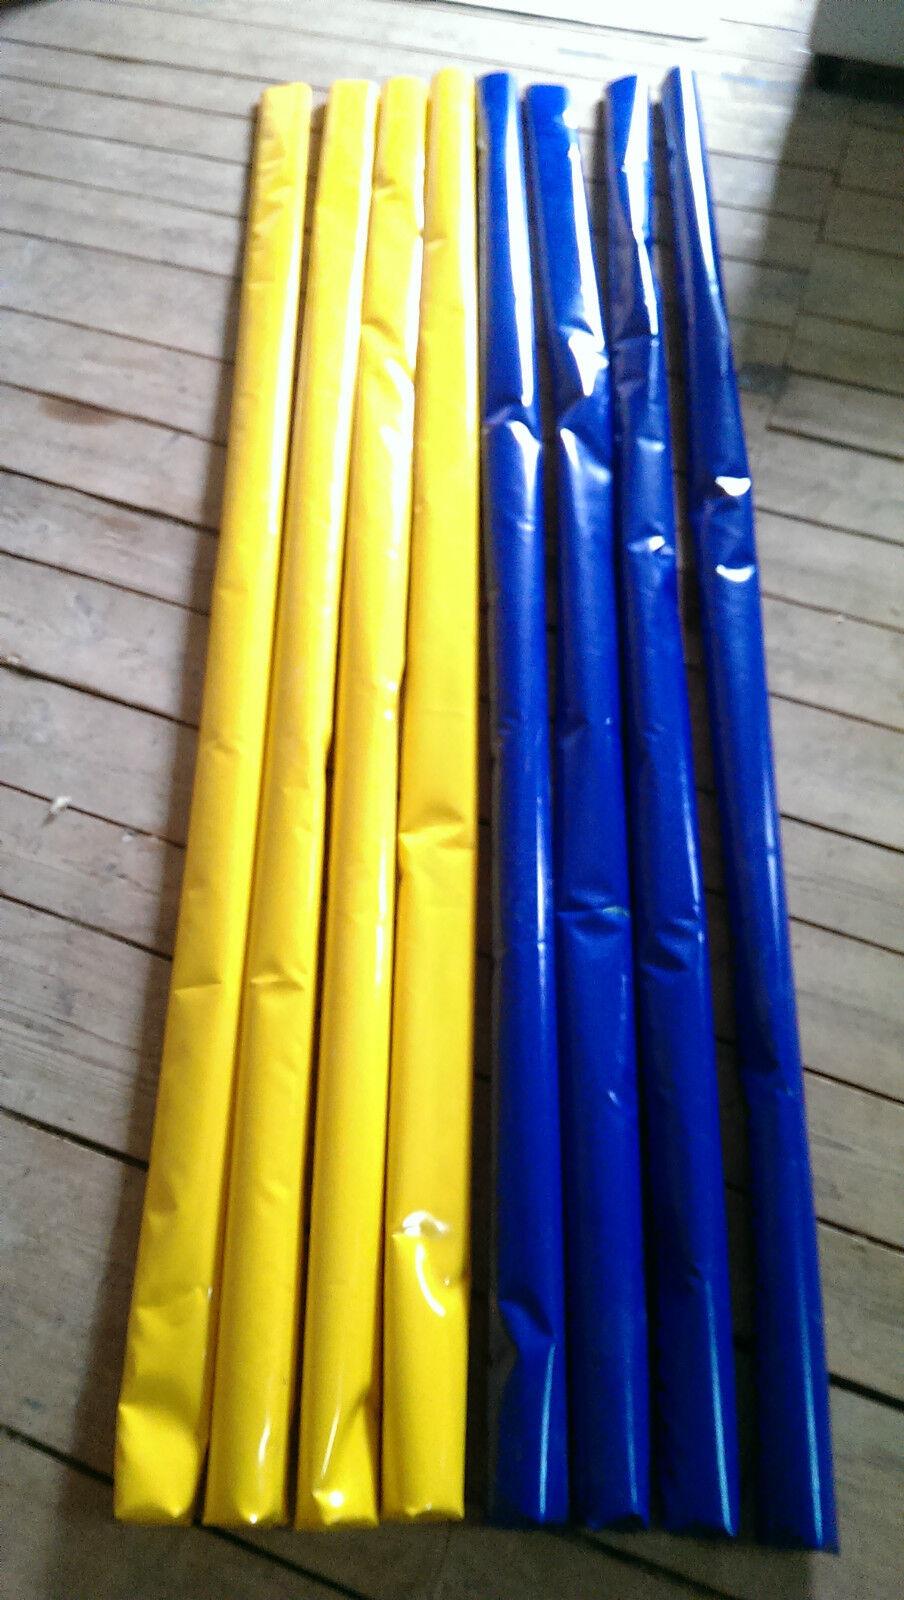 8x Bodenarbeits Stangen gefült 4 Blau Gelb 4 Gelb Blau 3,1m Trabstangen ähnlich Dualgassen f286bc